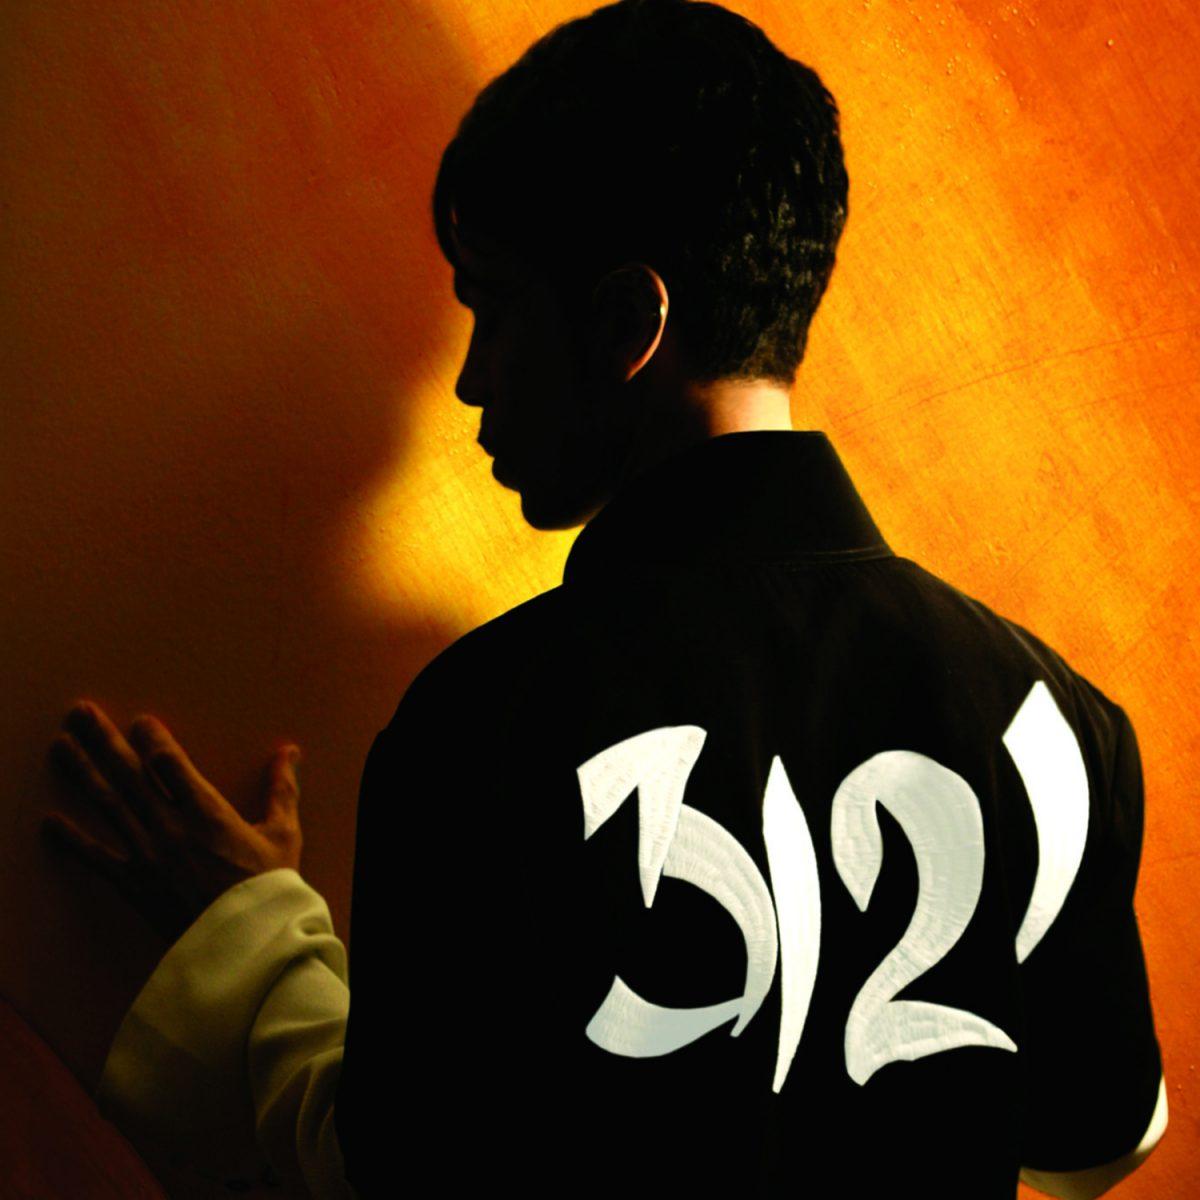 Prince: 3121(2006)